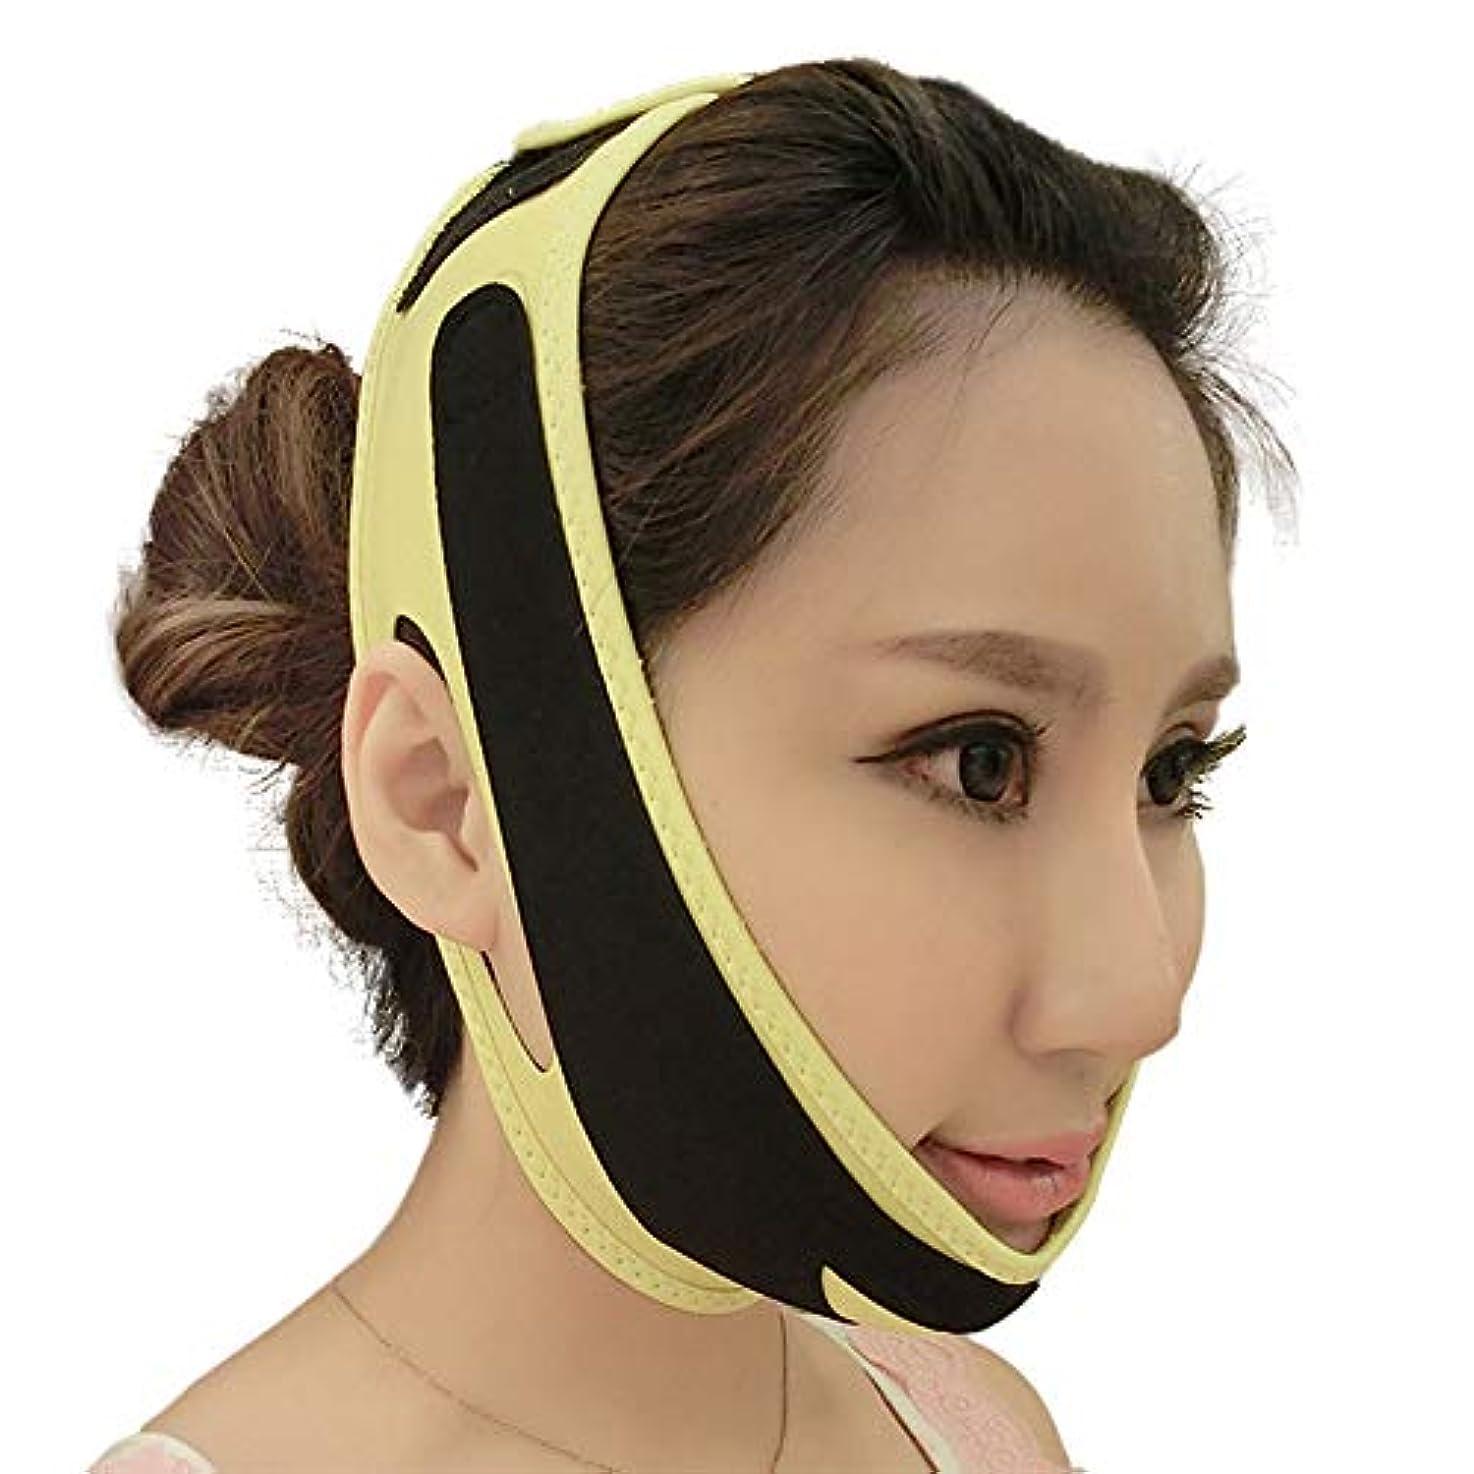 憂慮すべき西部細部V顔の睡眠の顔の包帯、フェイスマスクハーフパックダブルチンリフトパッキングユニセックス